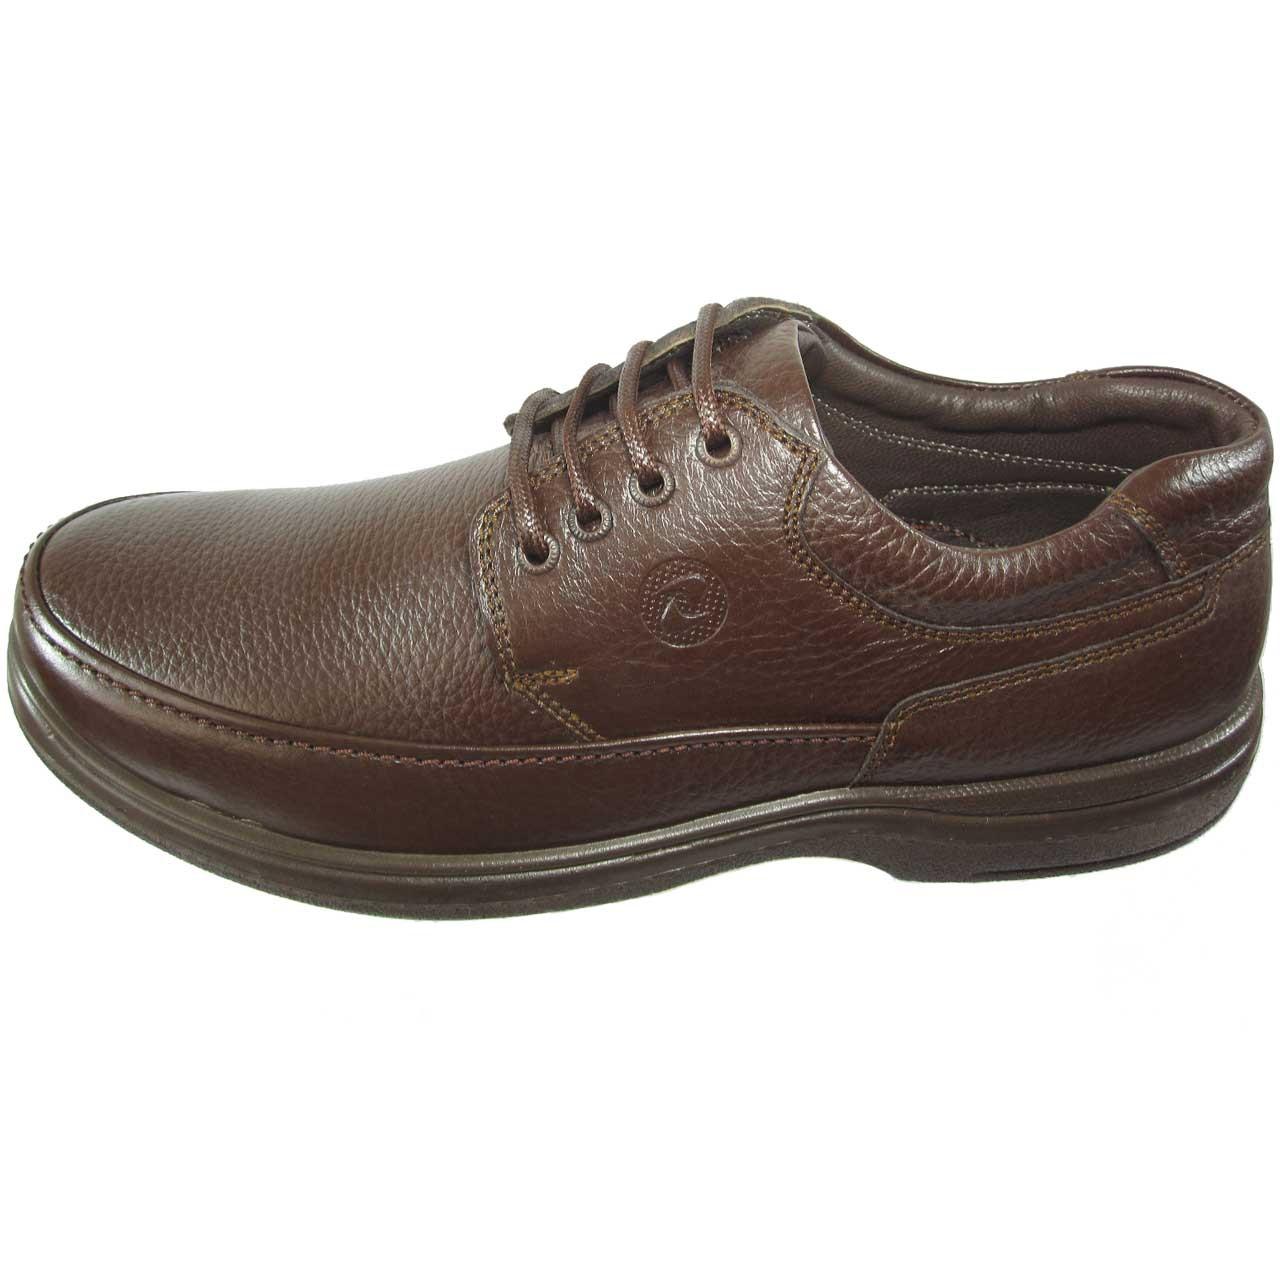 کفش طبی مردانه اسکاپ کد 1231